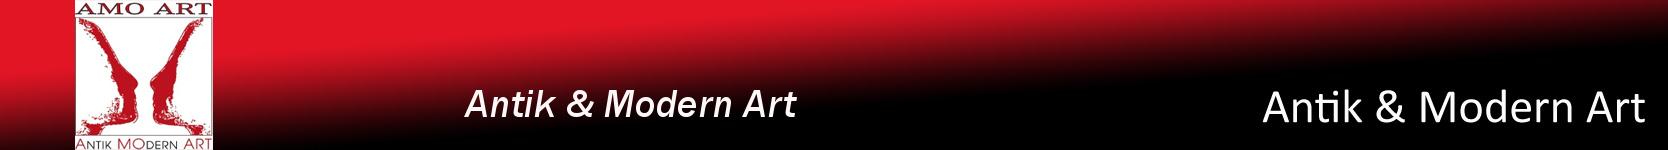 Antik & Modern Art AMO-ART